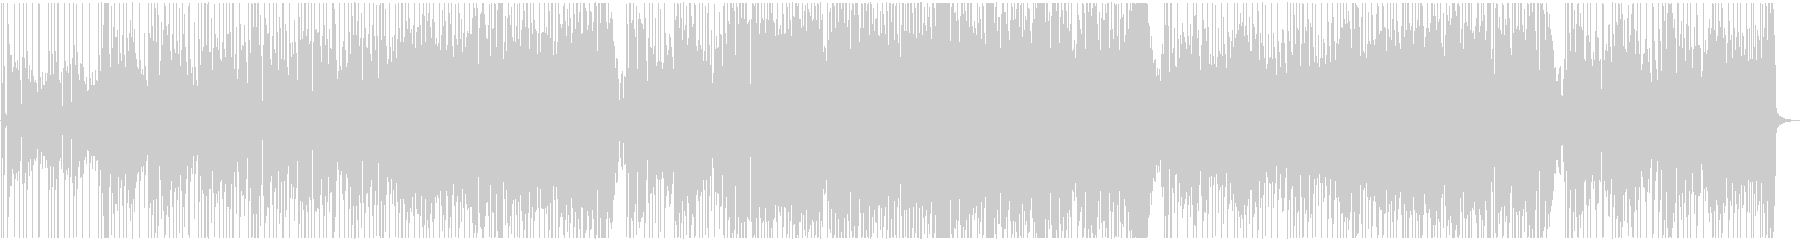 歩く速度のオルガン・ファンクの未再生の波形